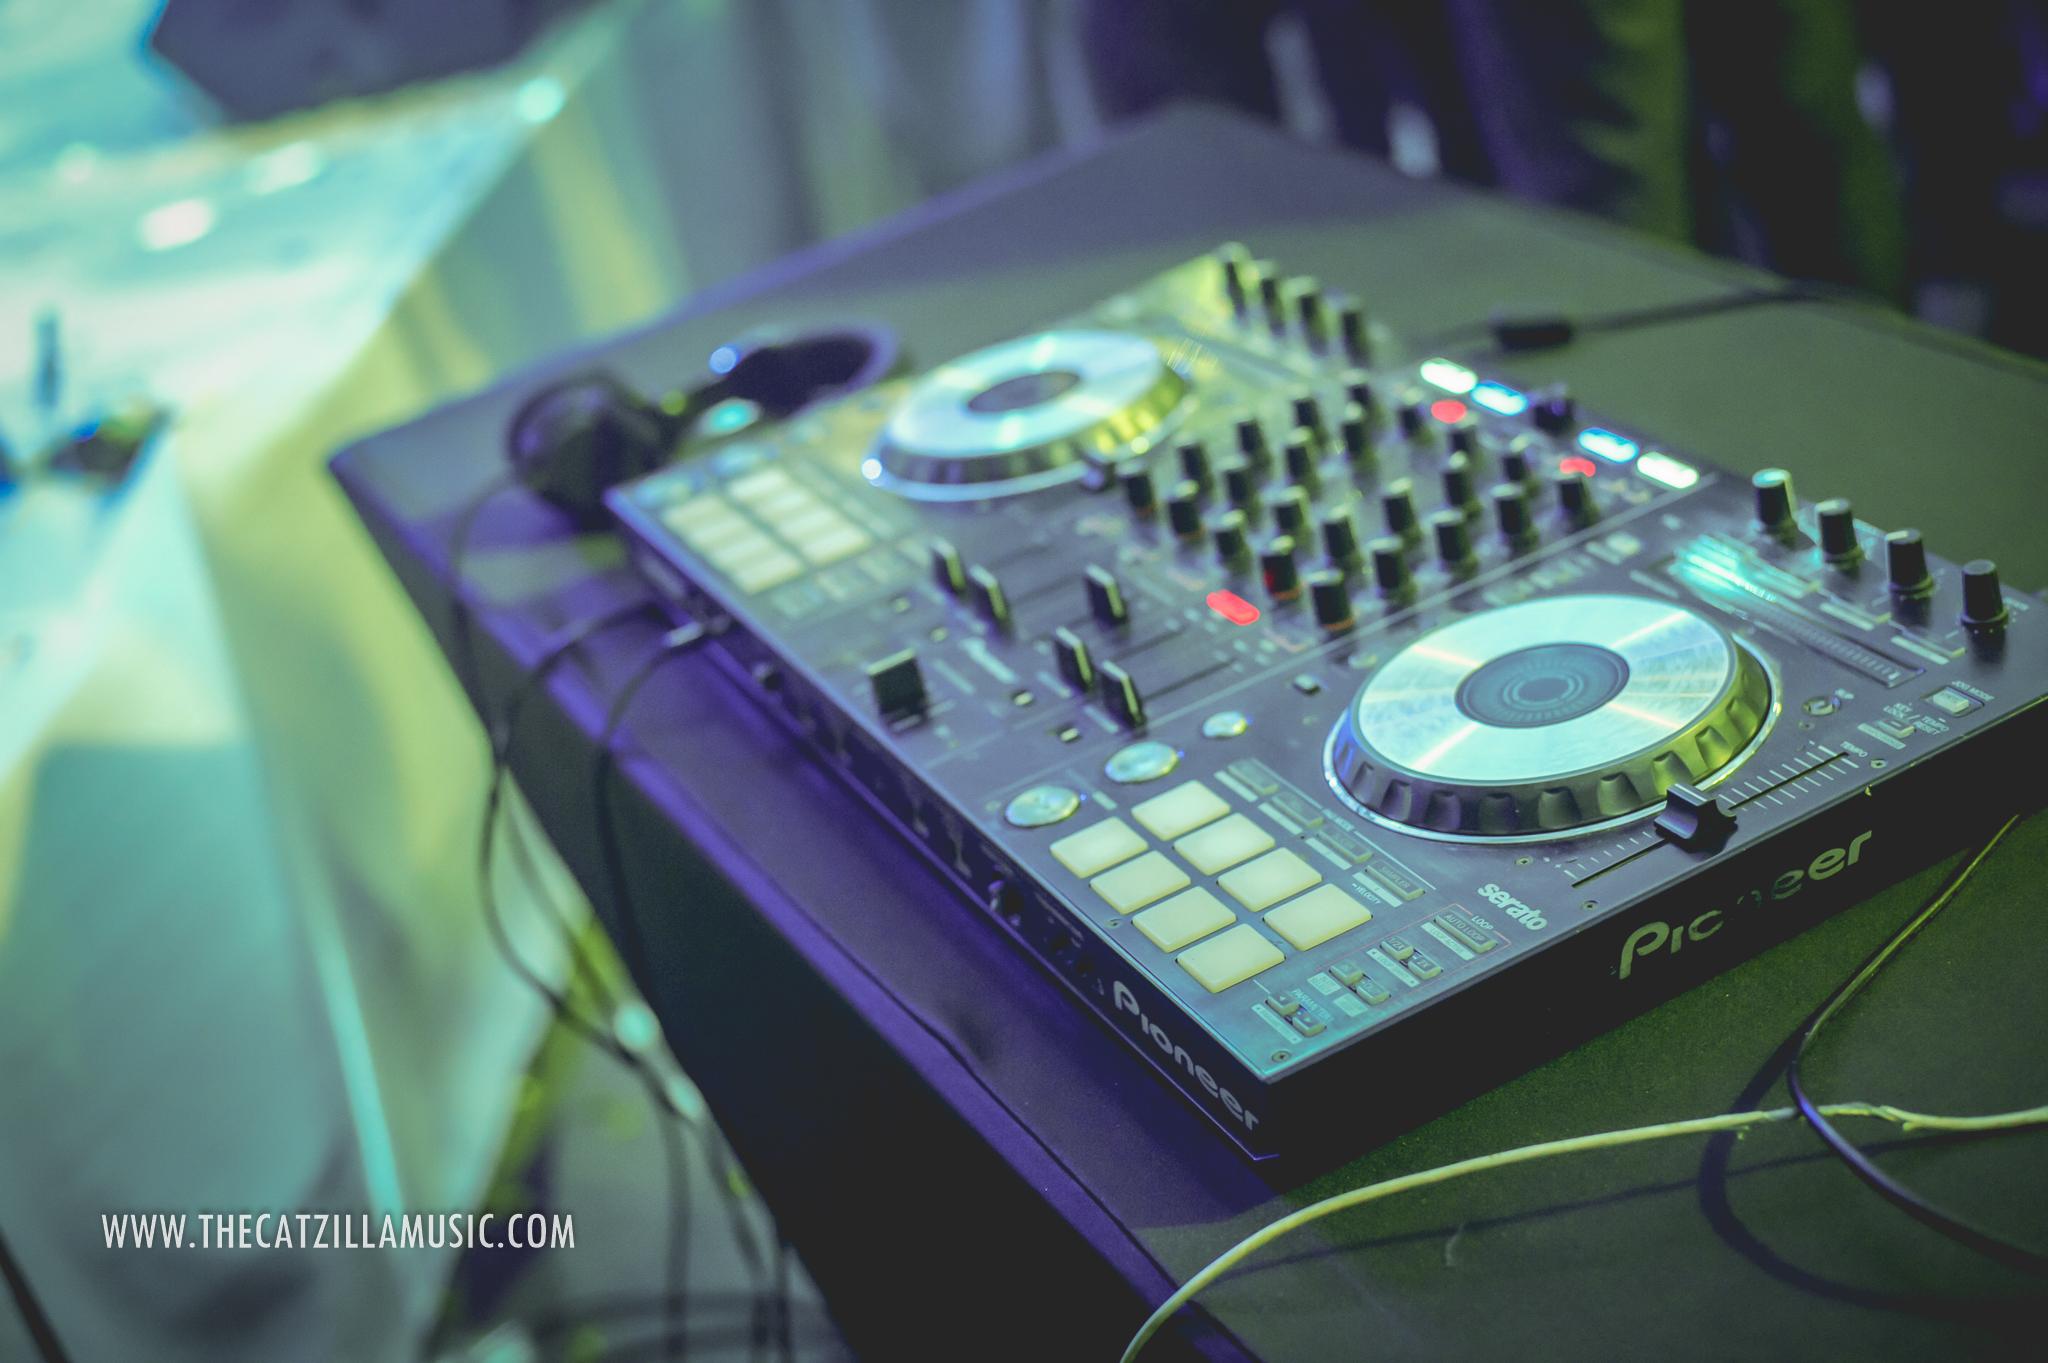 ปาร์ตี้มันส์สุดๆ ต่อเนื่องด้วยดีเจ DJ